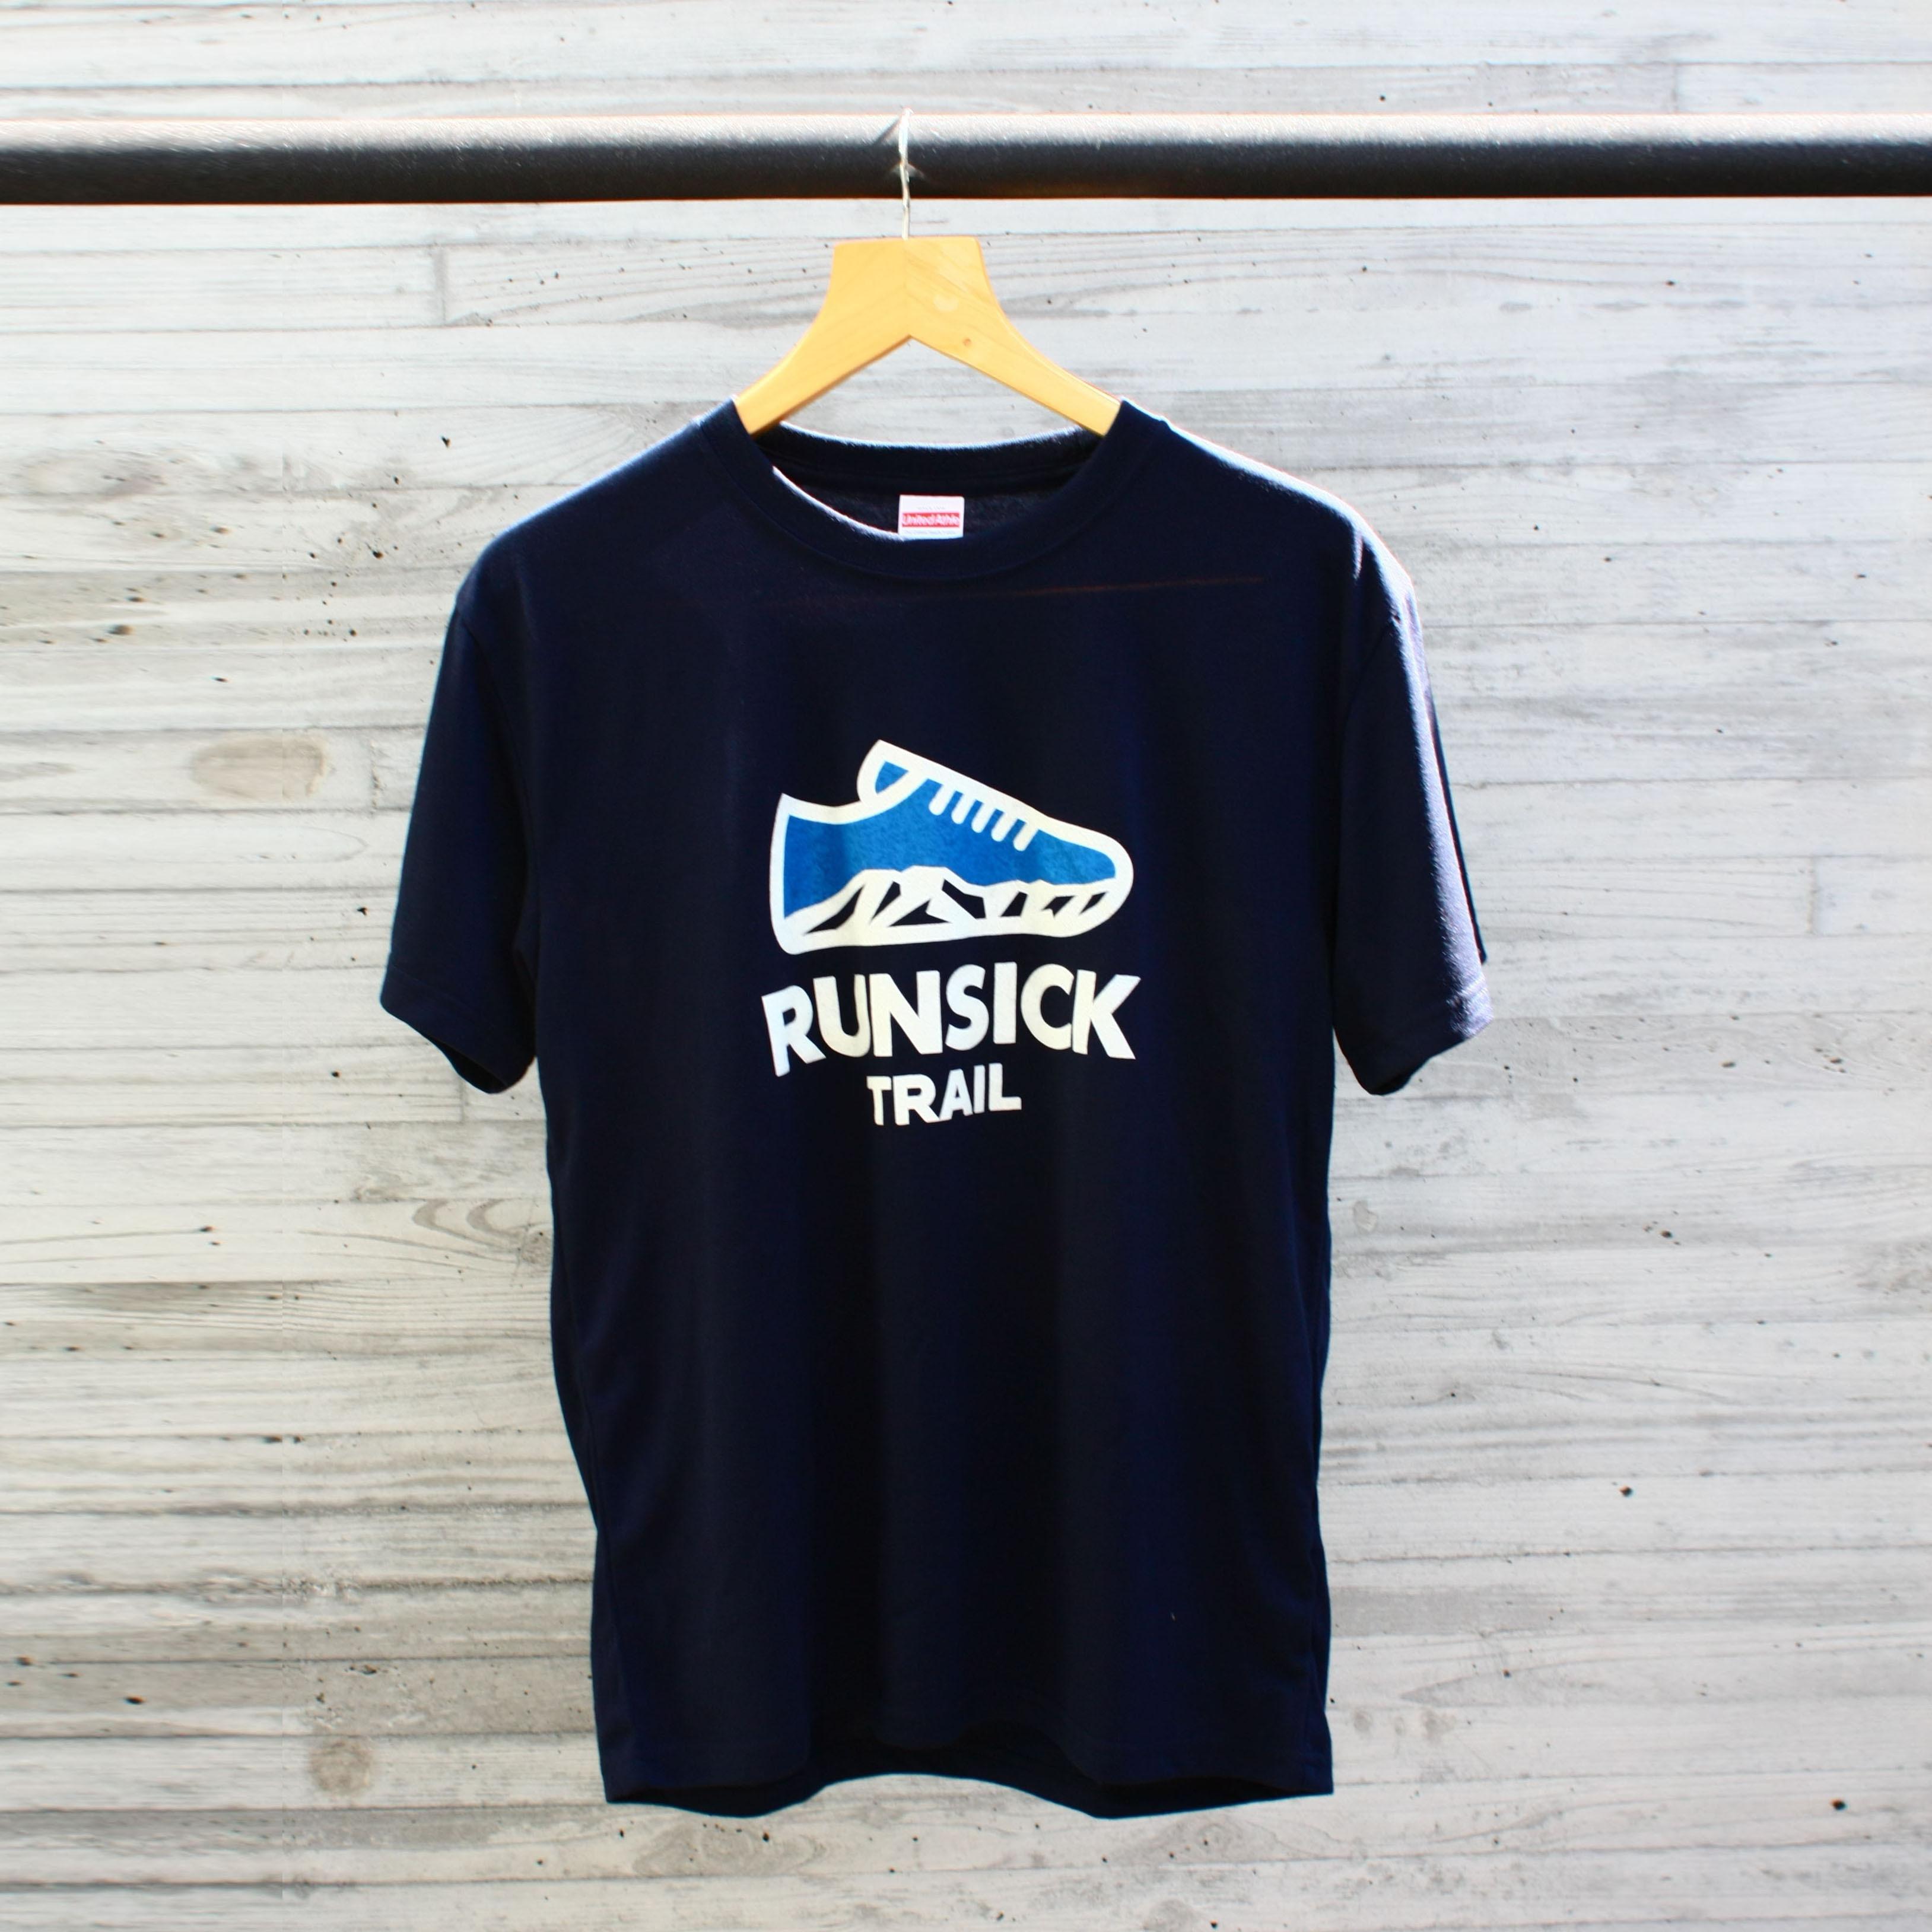 RUNSICK TRAIL T-SHIRTS